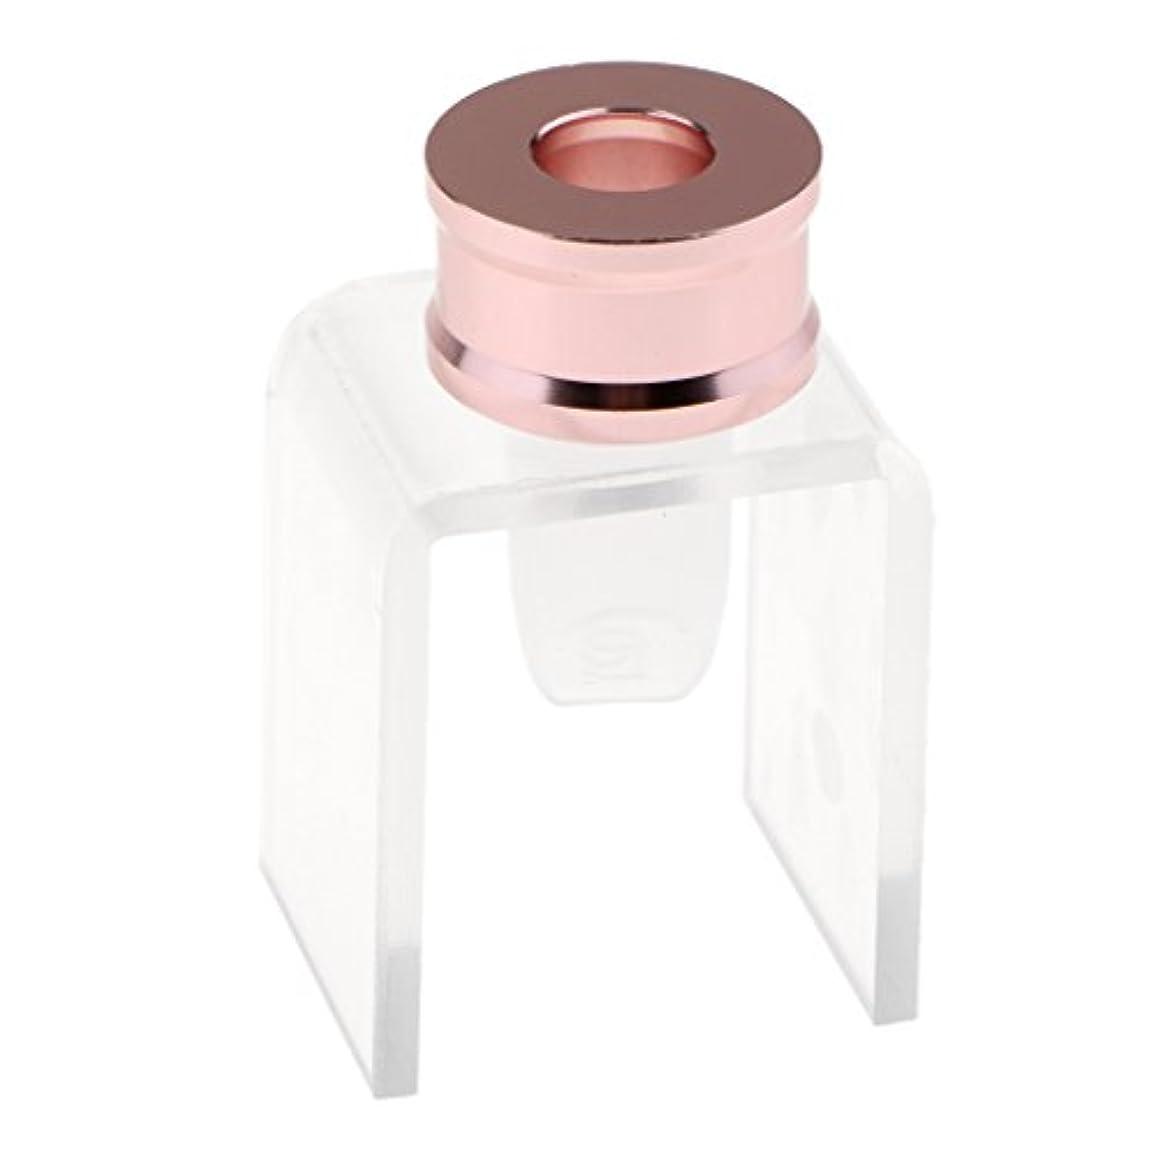 同級生仕事に行く韓国語リップスティック DIY 金型ホルダー 口紅金型 12.1mmチューブ シリコンモールド モールド アクリルスタンド 7タイプ選べる - #1